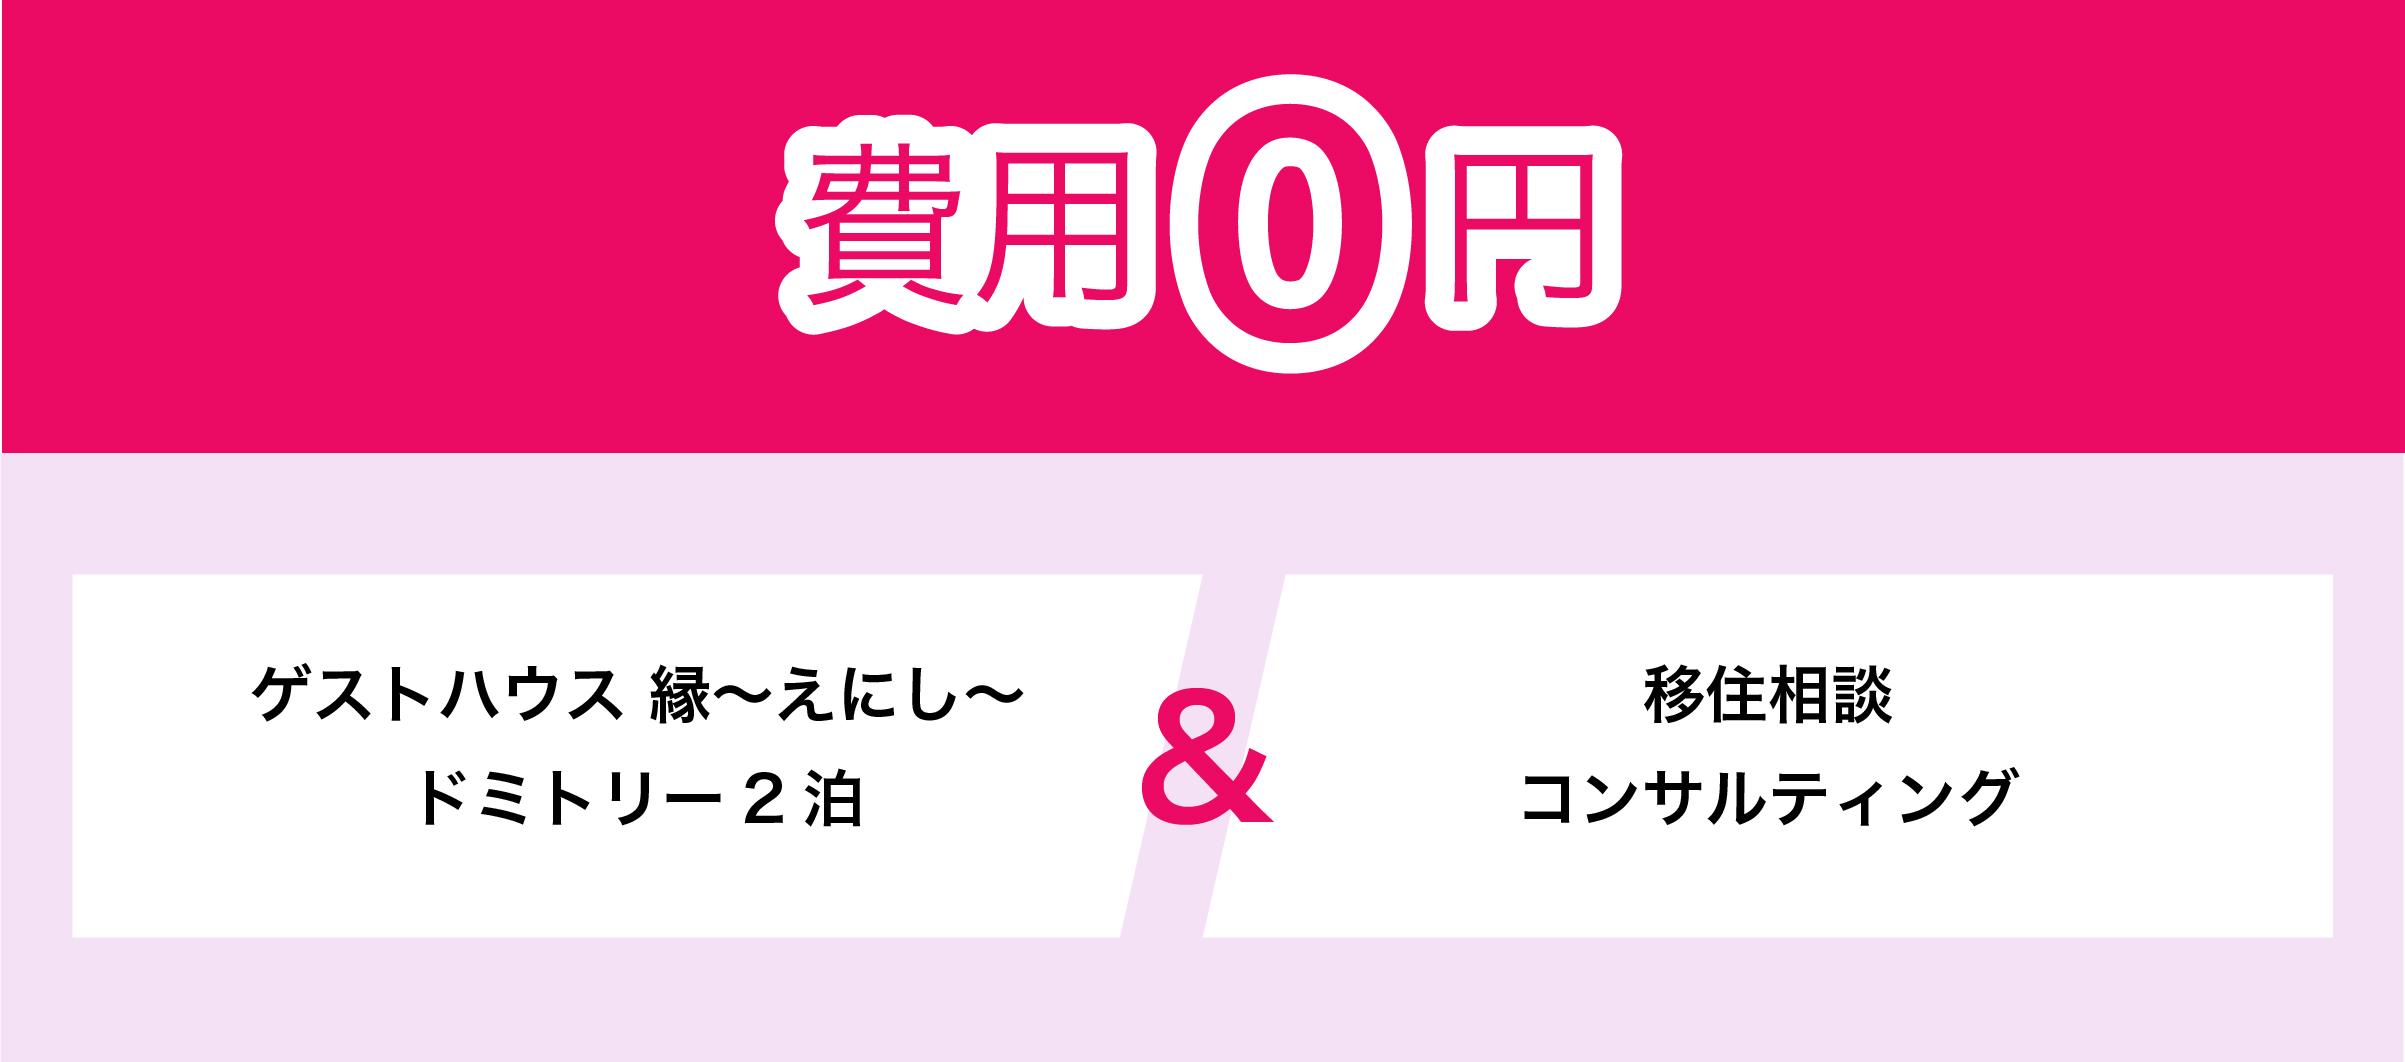 費用0円 ゲストハウス縁〜えにし〜 ドミトリー2泊 & 移住相談コンサルティング